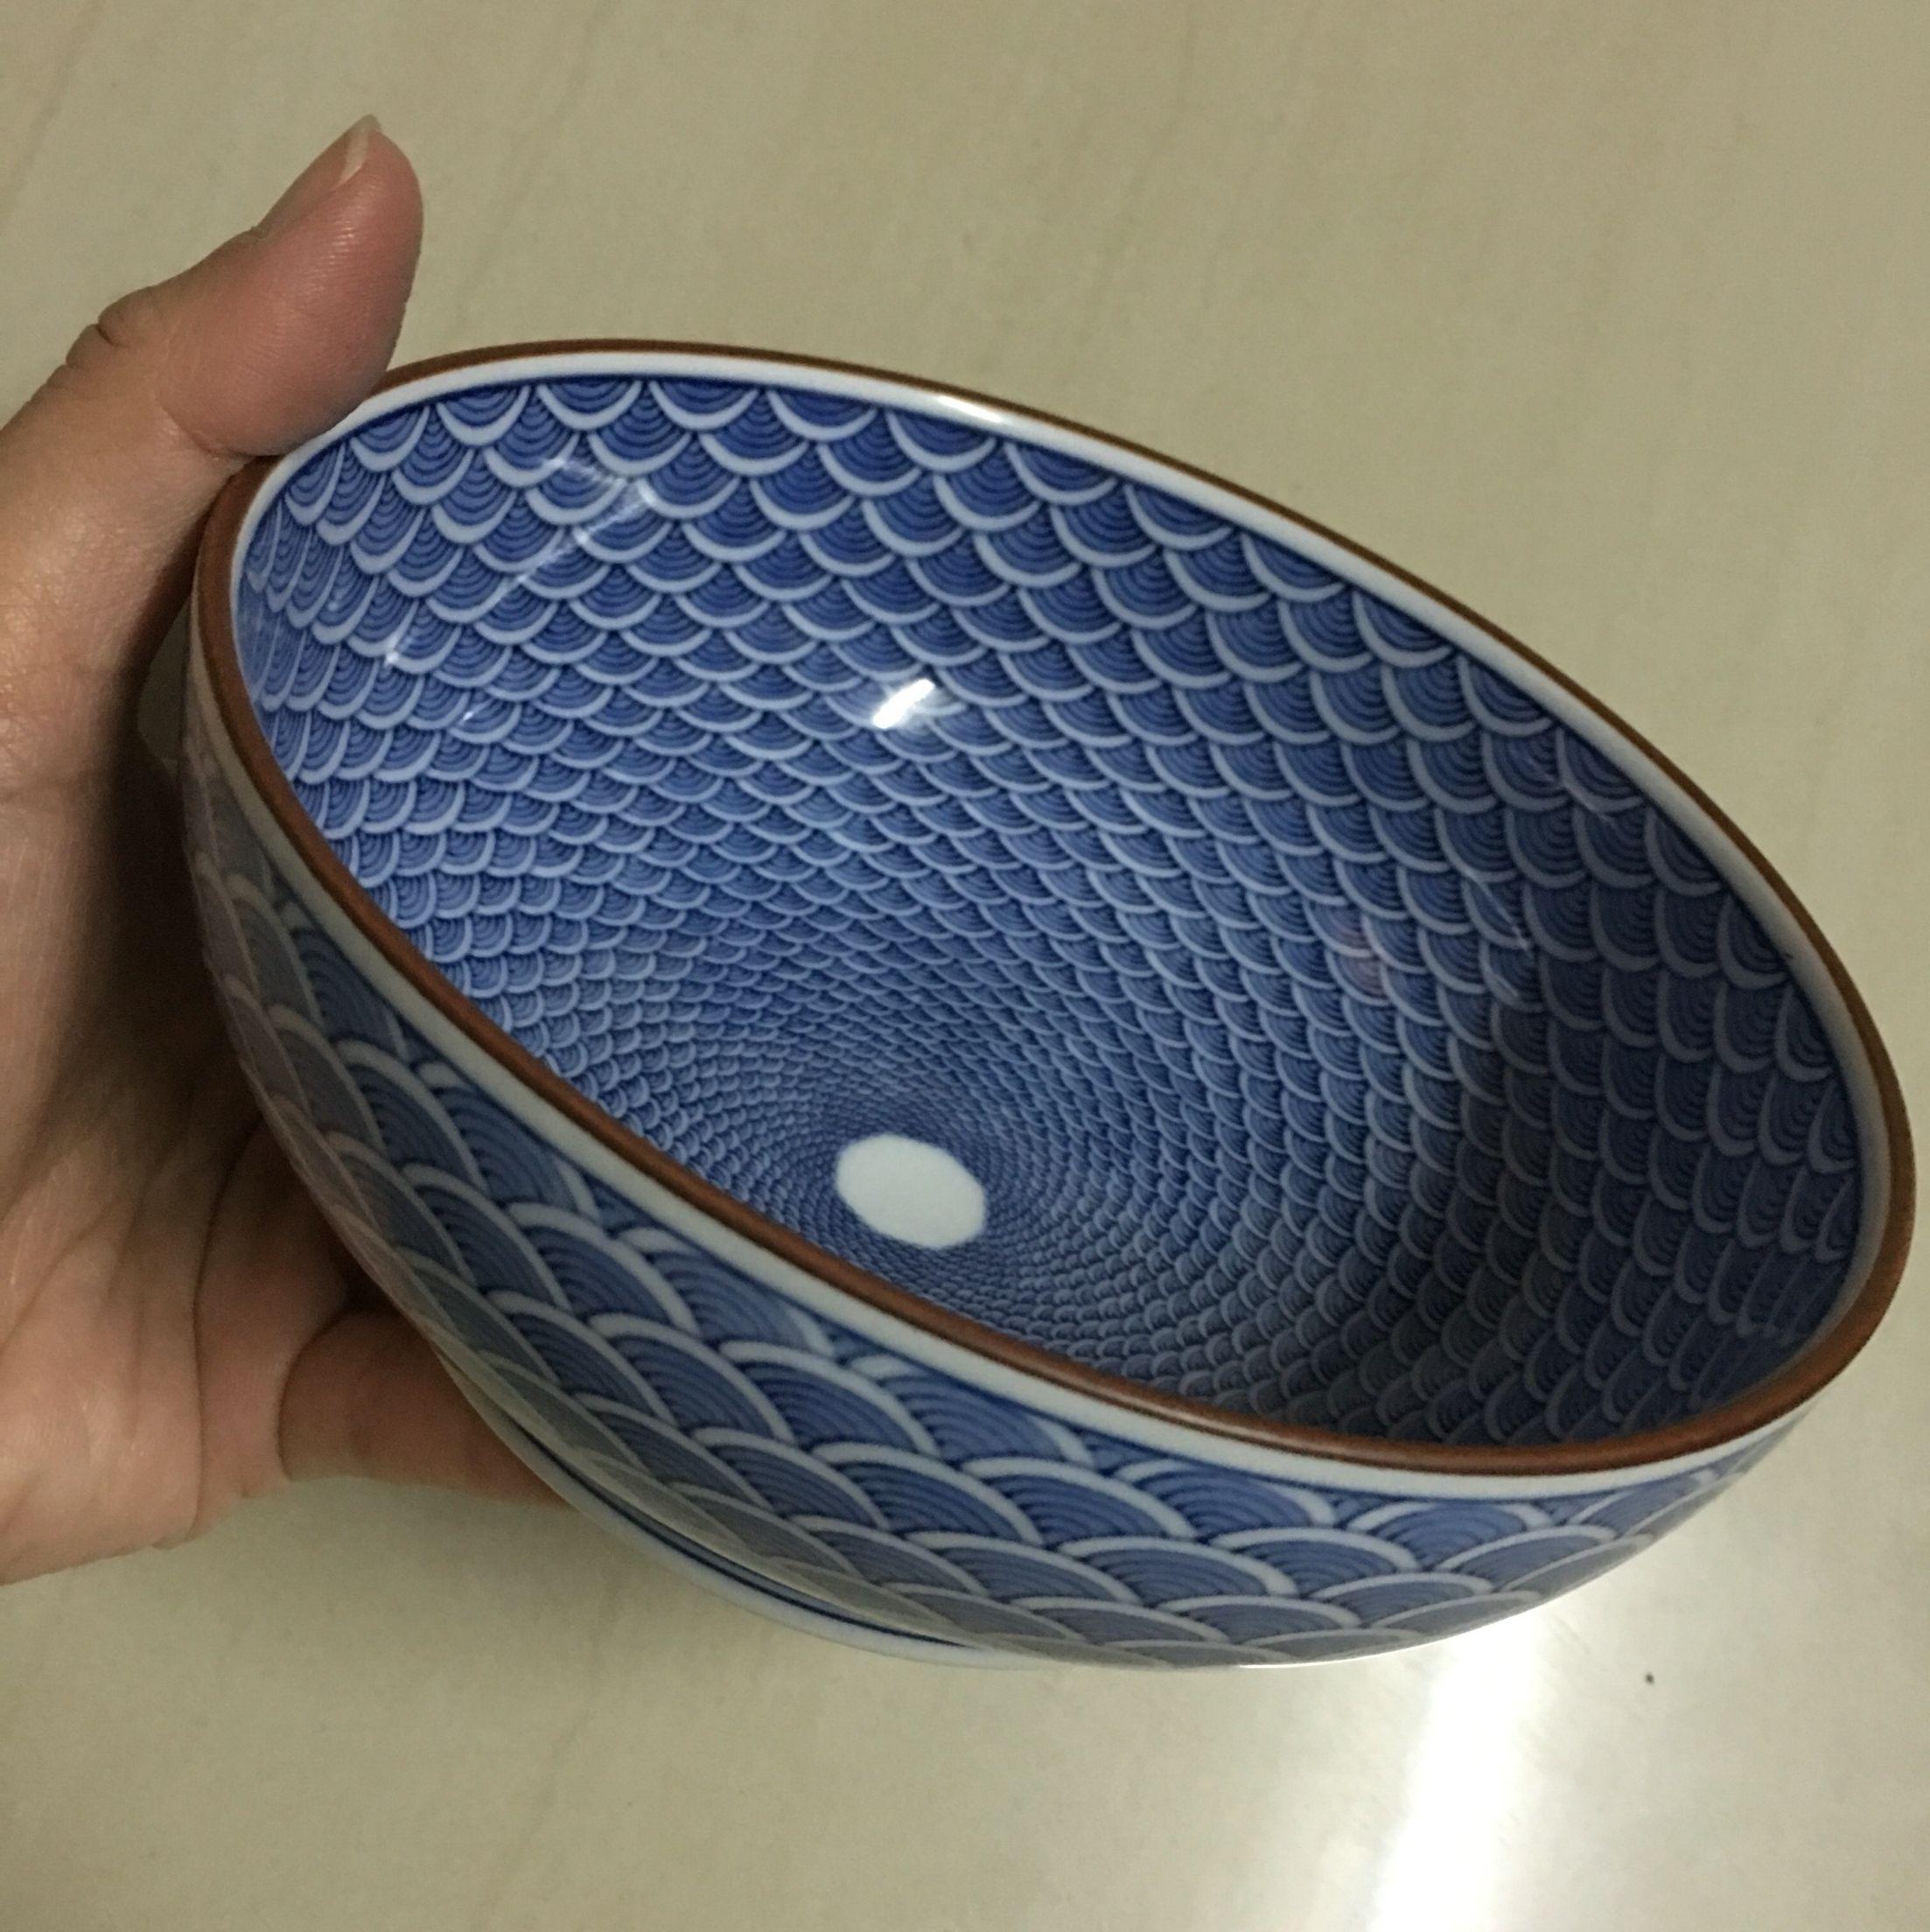 Handmade Arita Ceramic Bowl Japan With Images Ceramic Bowls Ceramics